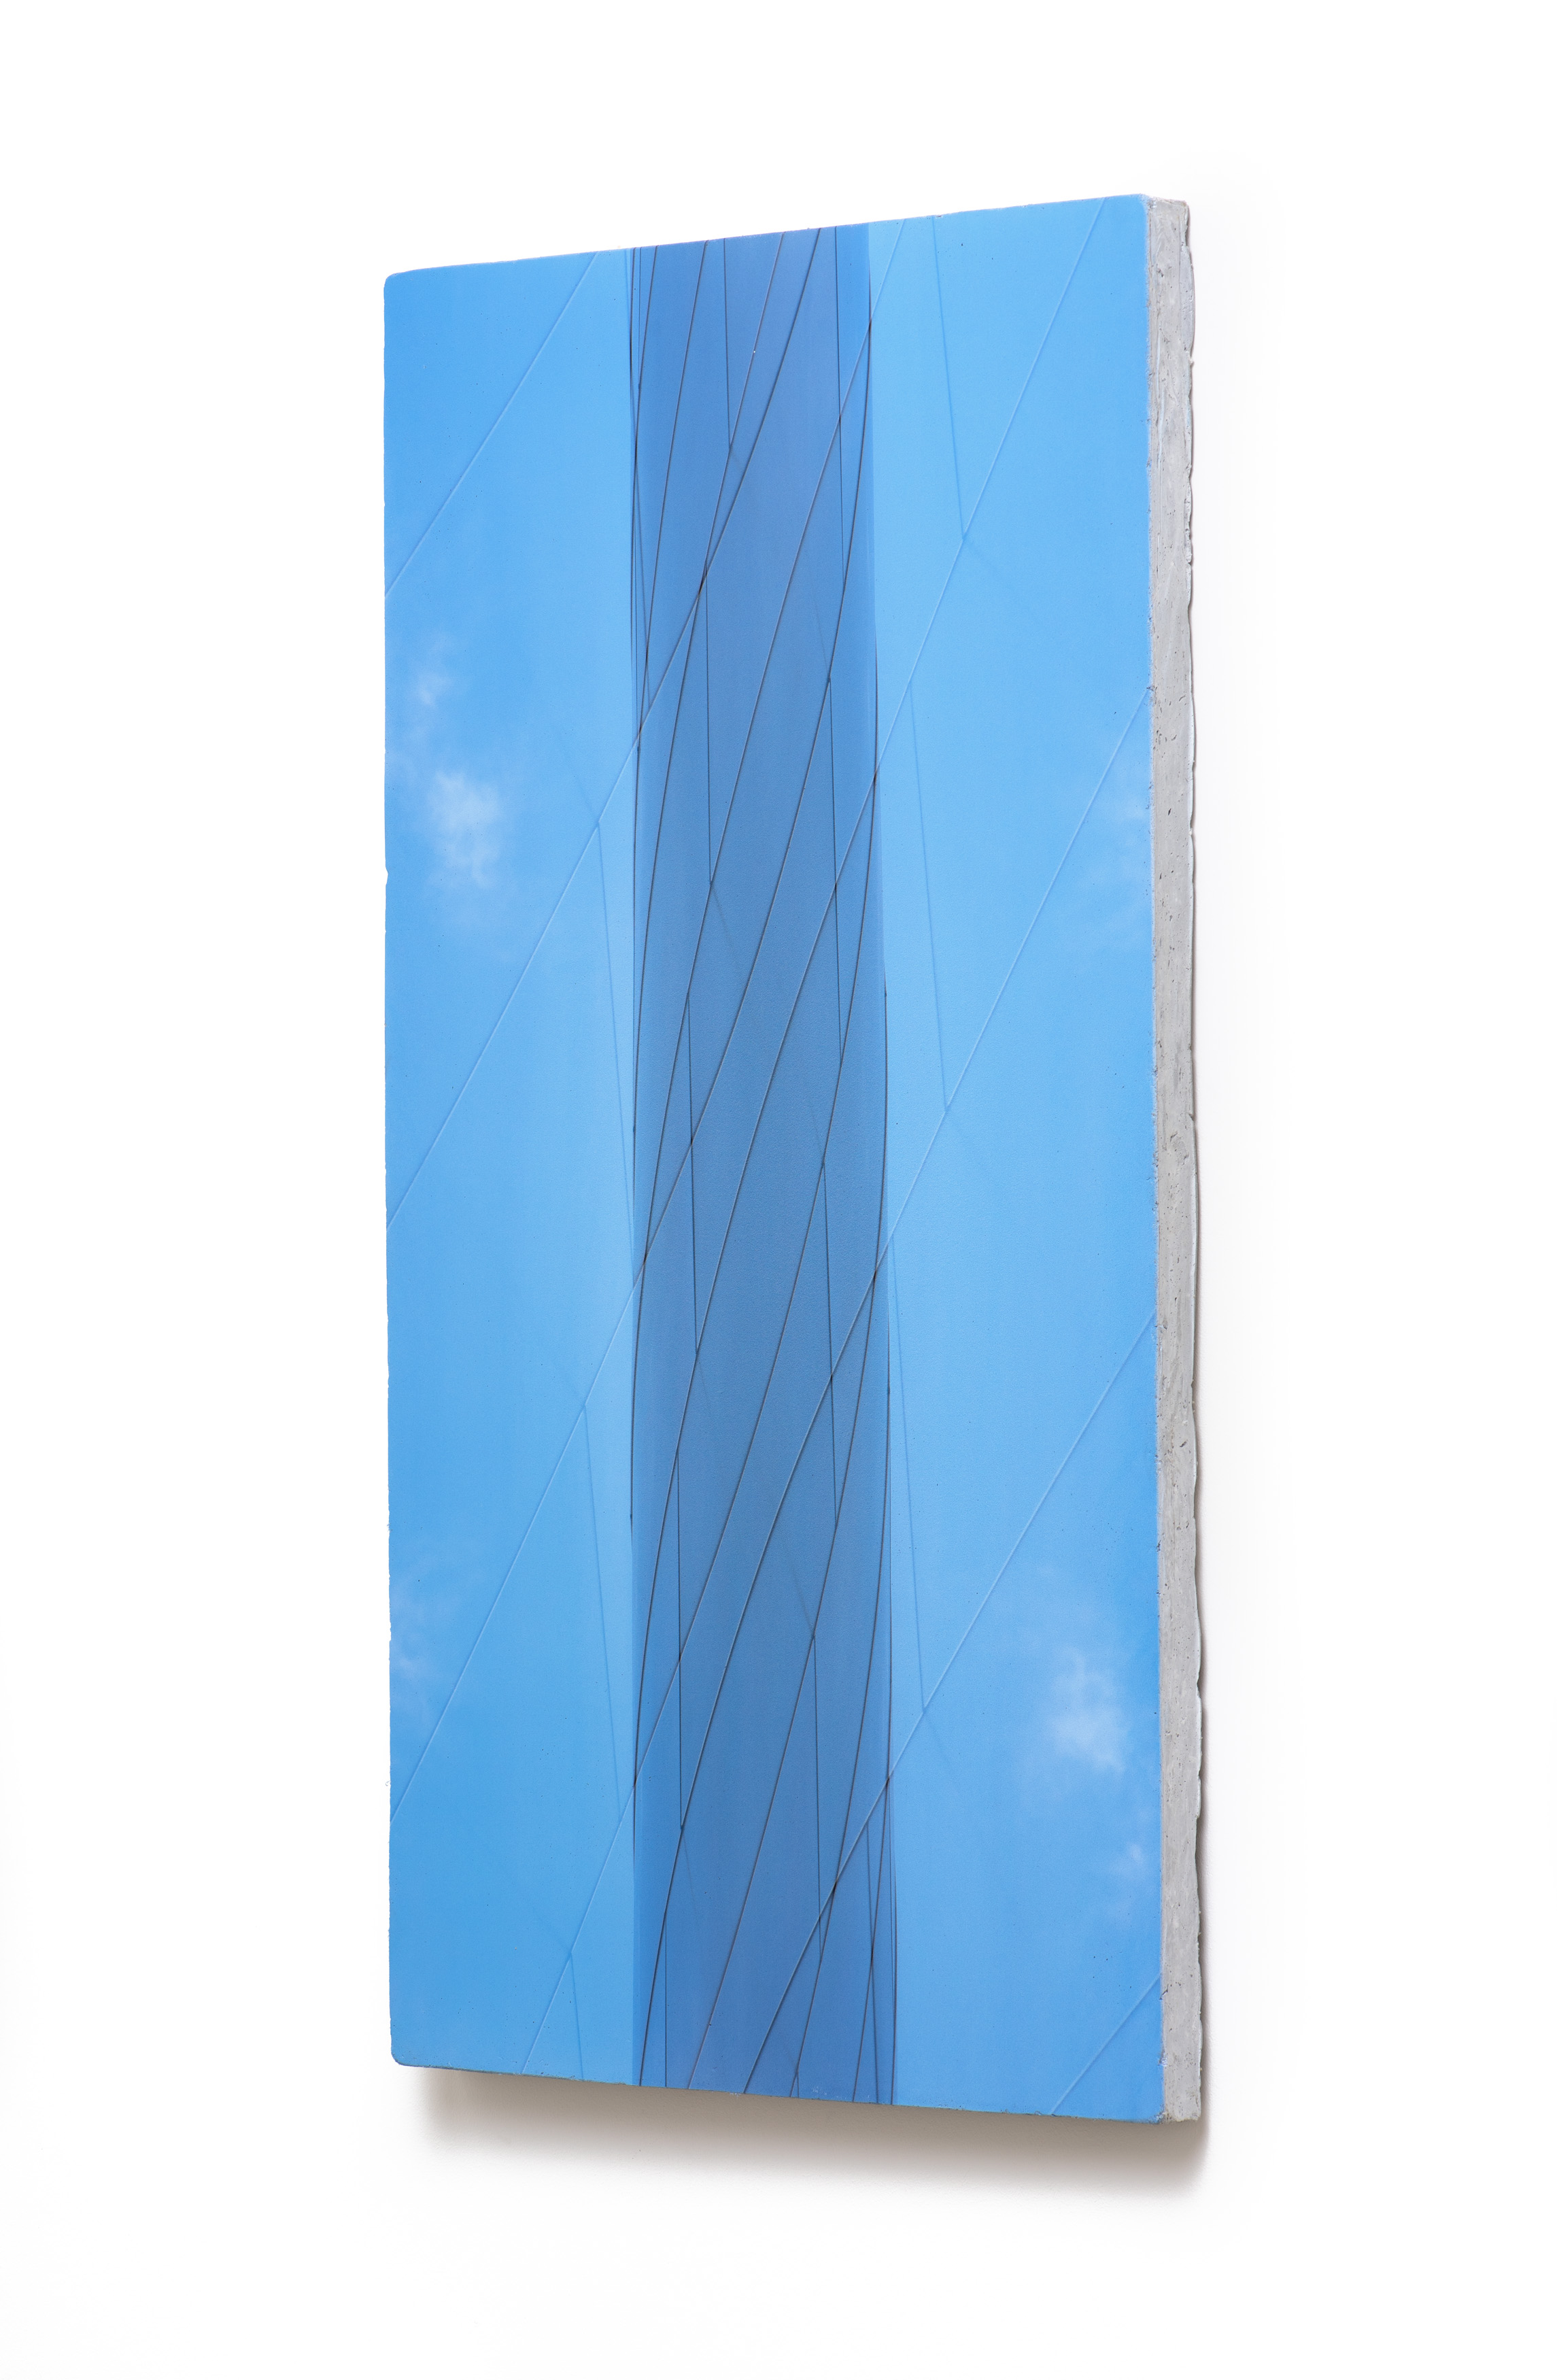 Counterform Light Column , 2017 (oblique) UV ink on concrete 40 1/2 × 20 1/2 × 1 1/2 in Unique